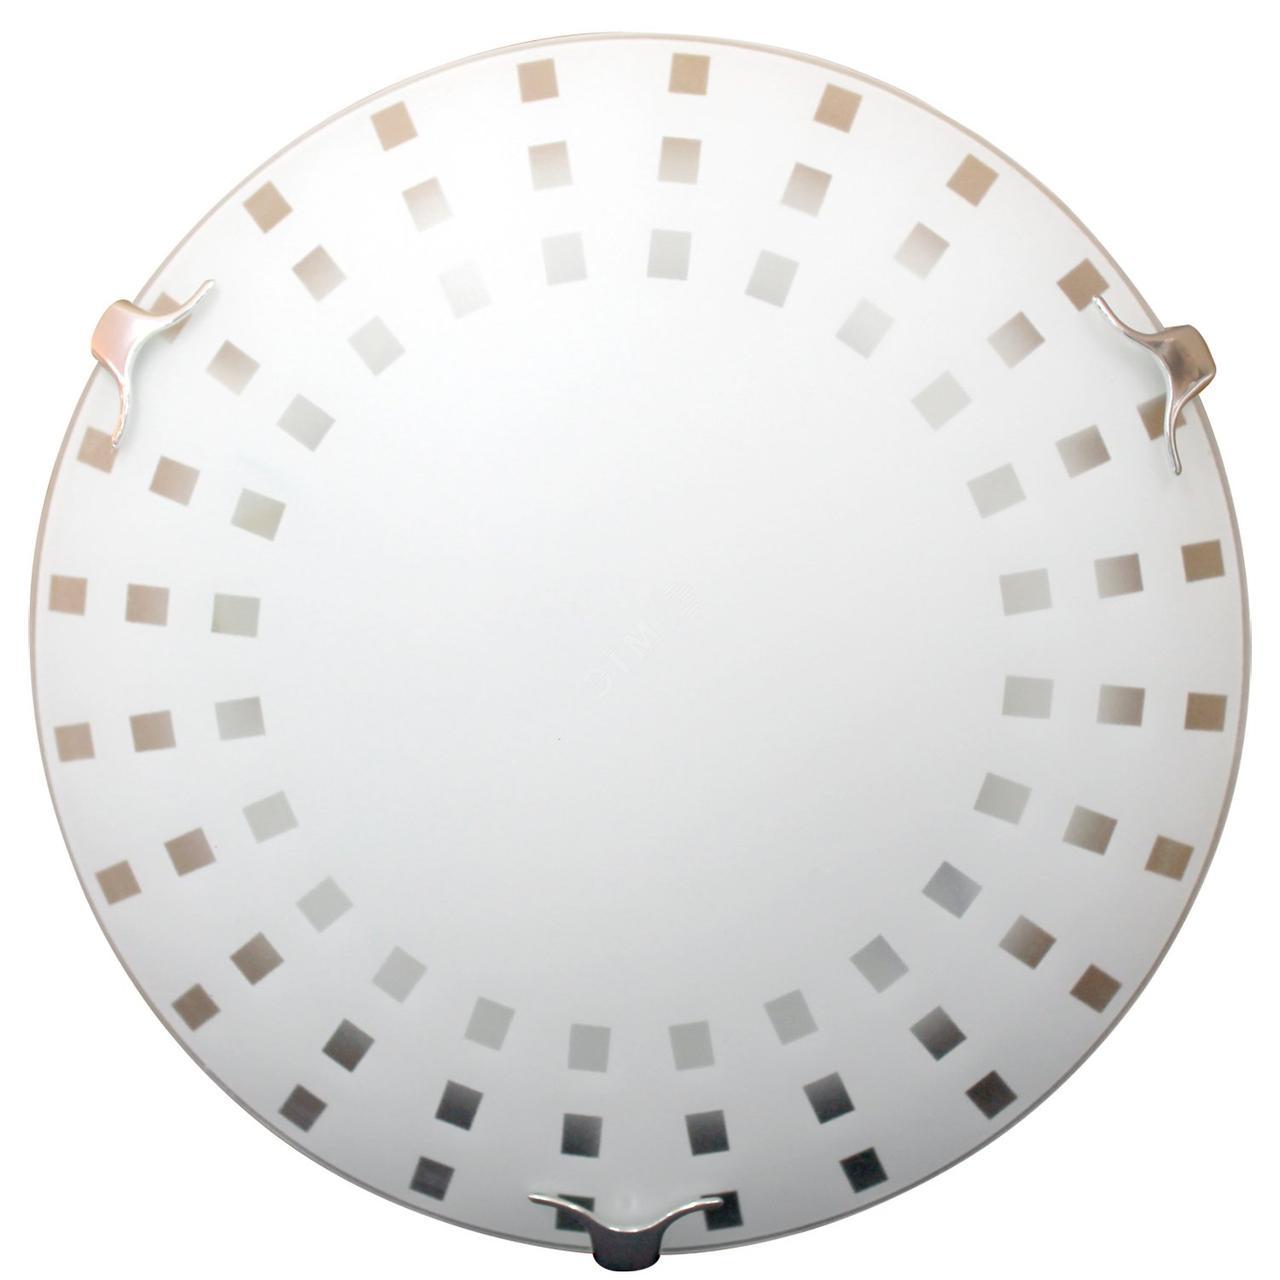 Светильник 400 Лучи НПБ 01-2*60-135 М12 матовый белый/кл.зол. ИУ 00222